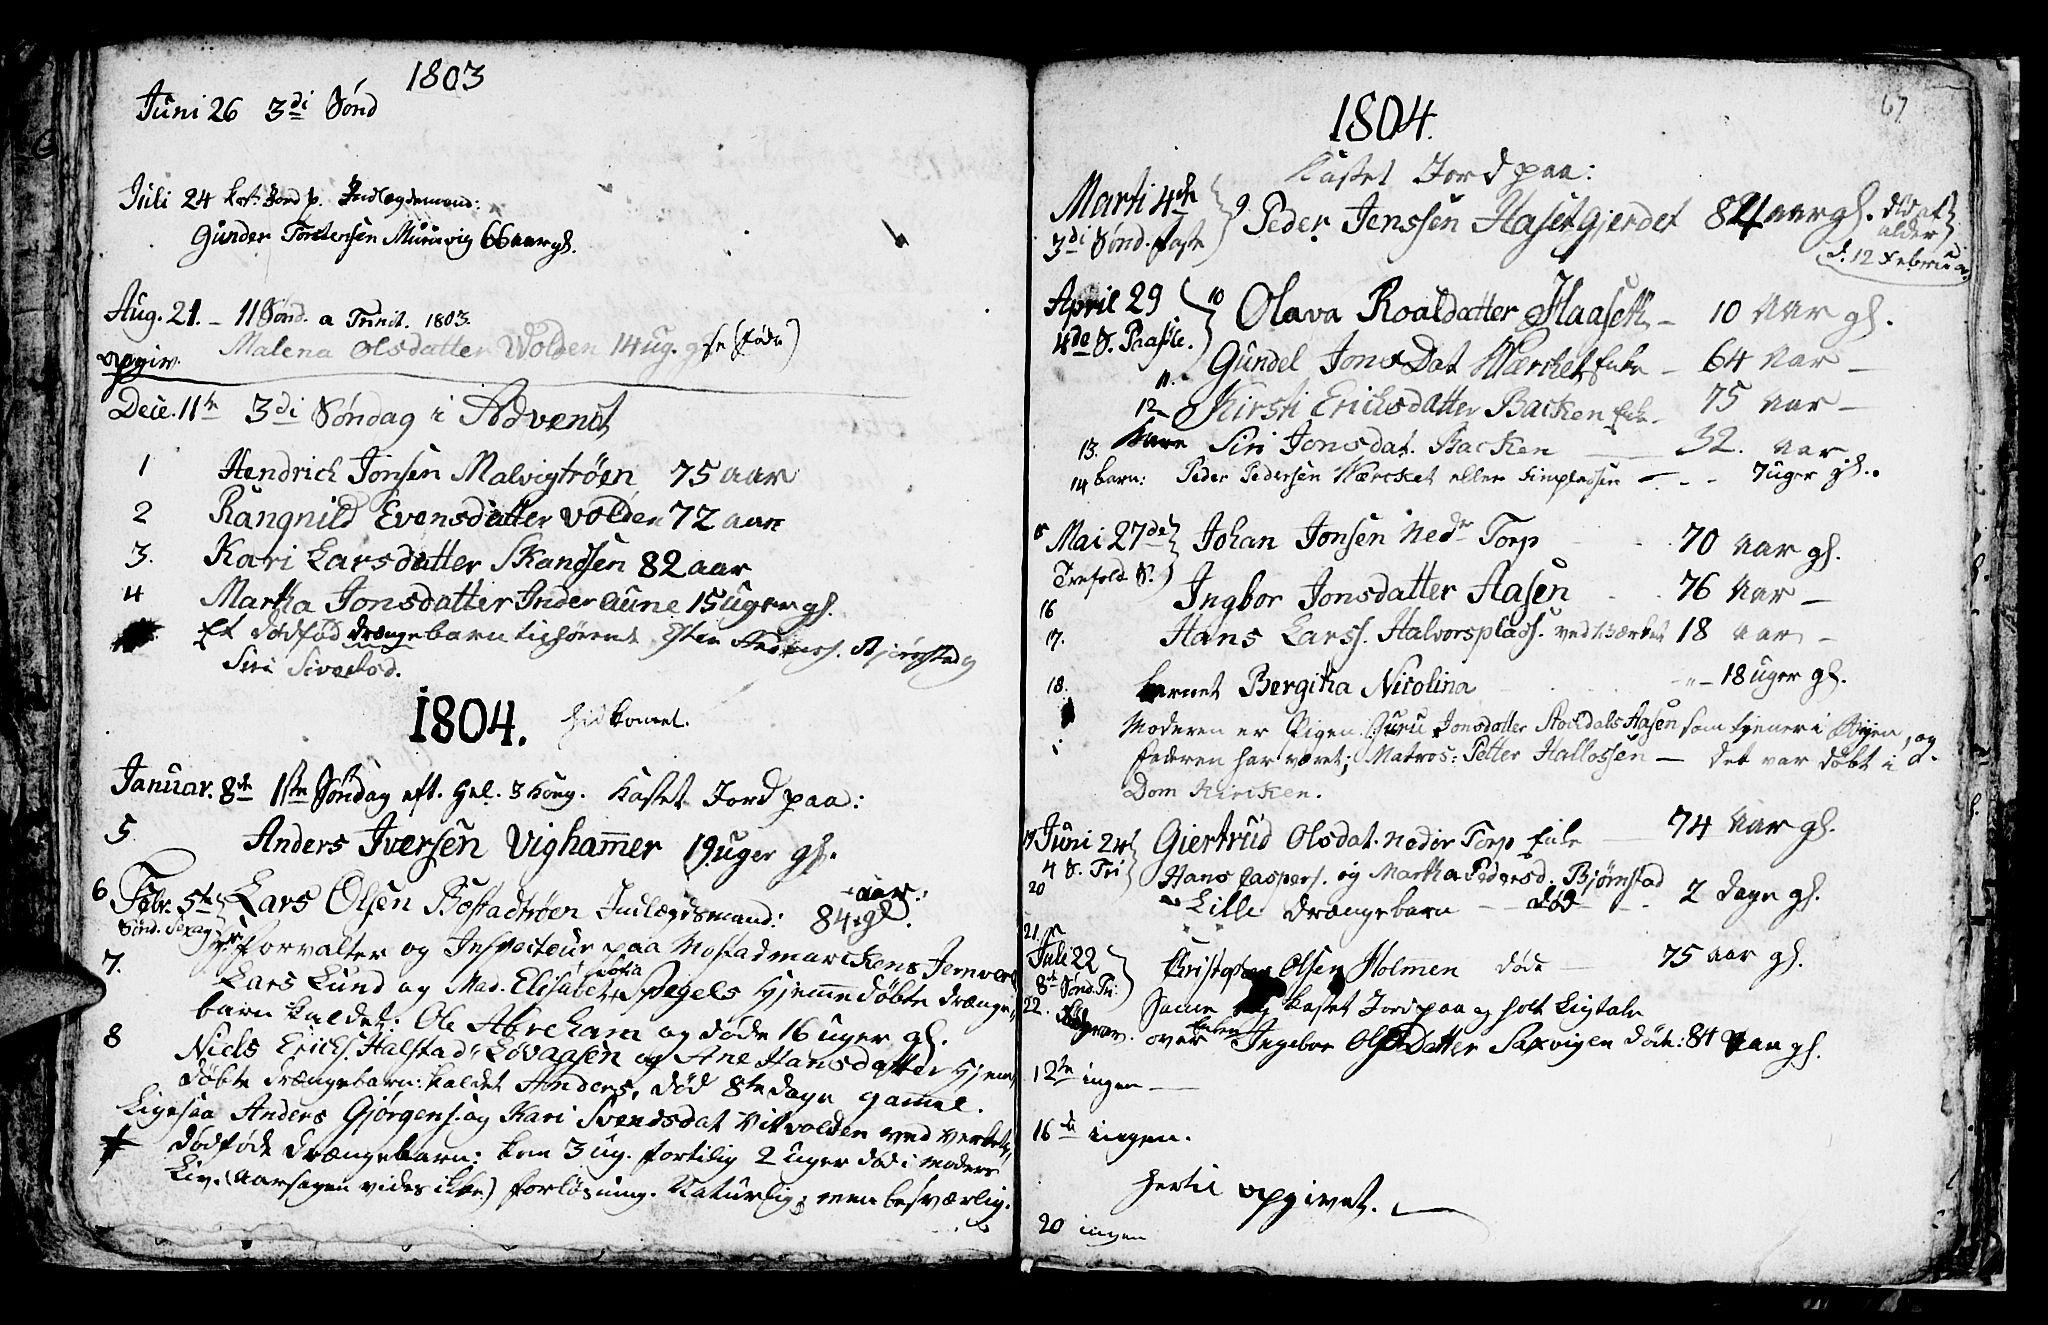 SAT, Ministerialprotokoller, klokkerbøker og fødselsregistre - Sør-Trøndelag, 616/L0419: Klokkerbok nr. 616C02, 1797-1816, s. 67